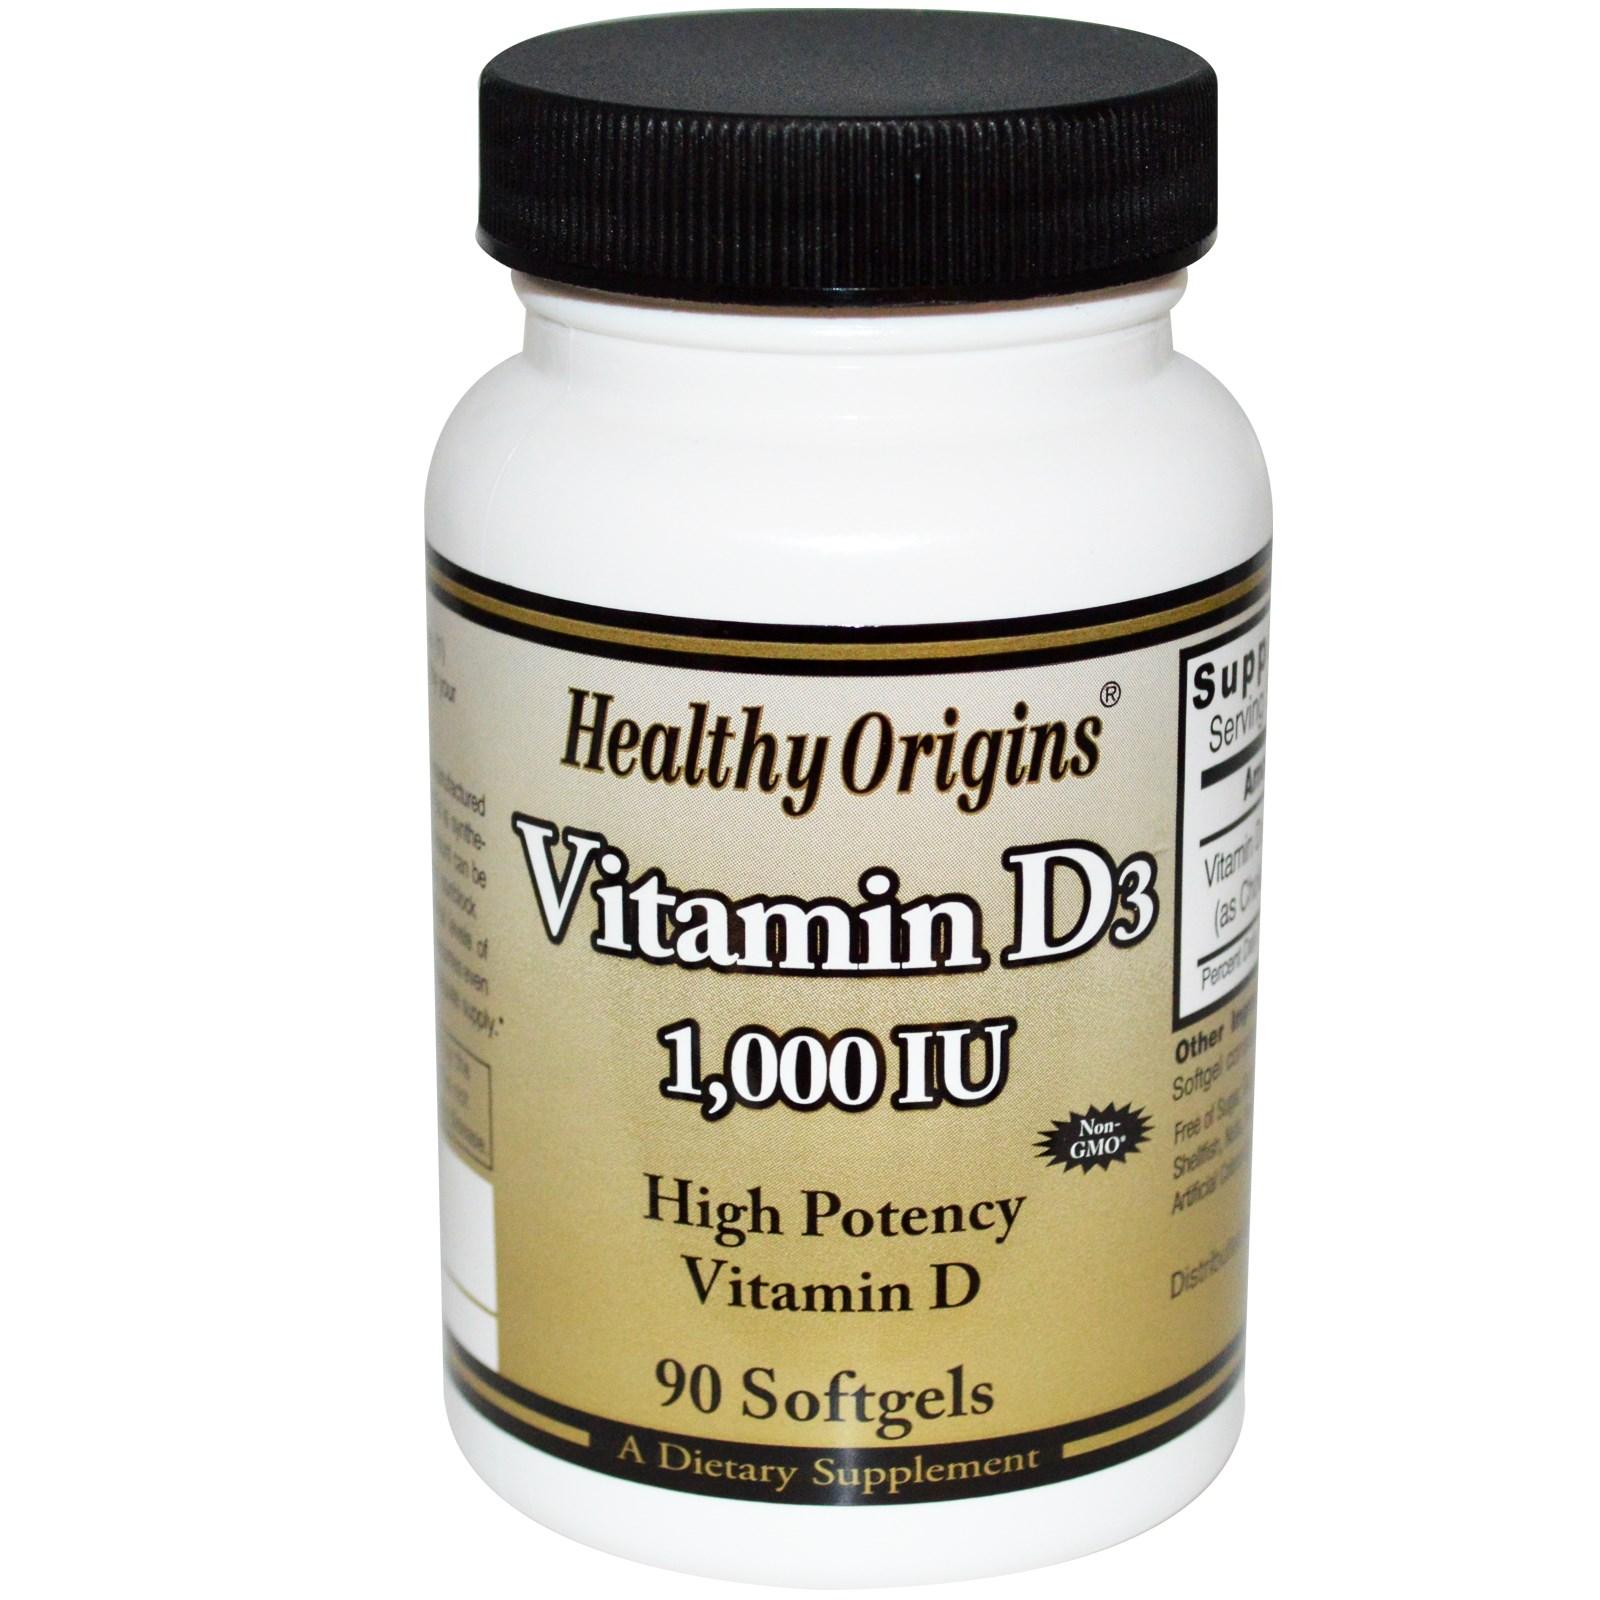 Image of Healthy Origins, Vitamin D3, 1000 IU, 90 Softgels 0603573153137